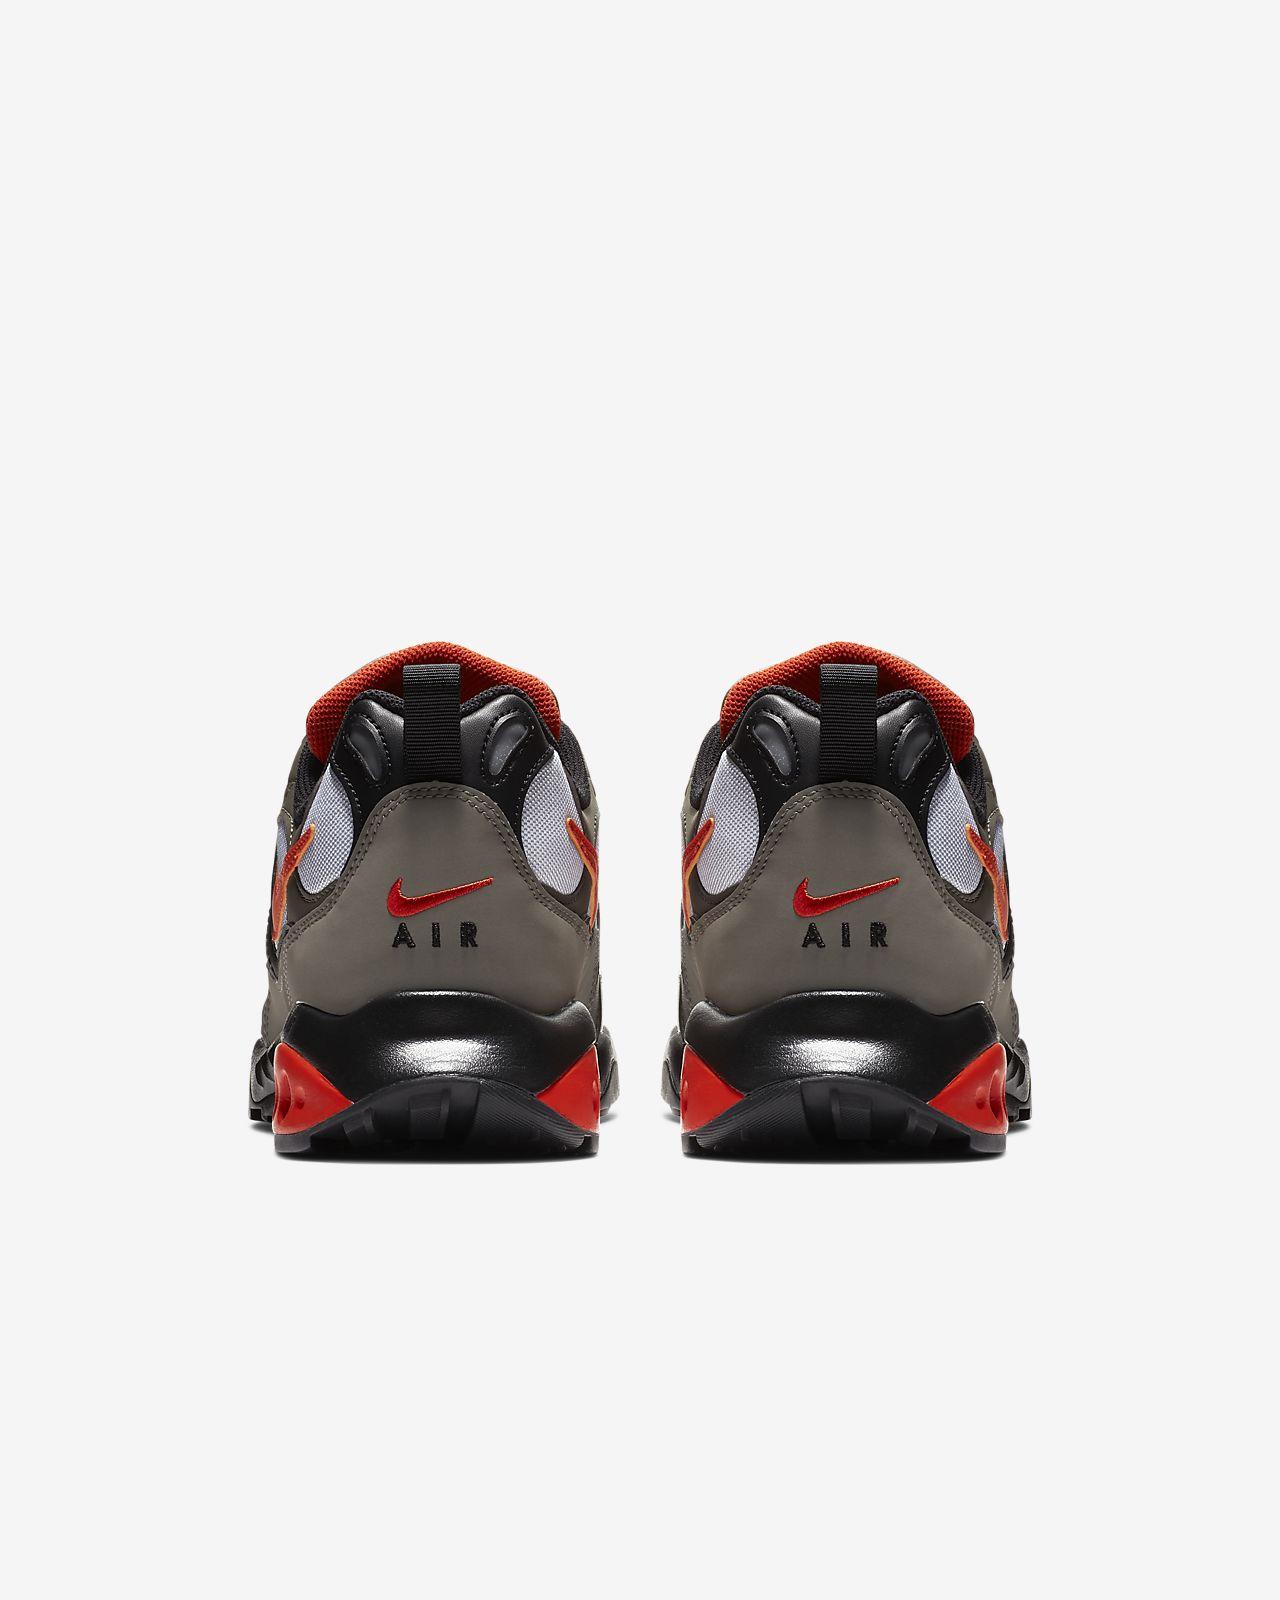 Terra FérficipőHu Air Humara Nike 18 E29DHIWY